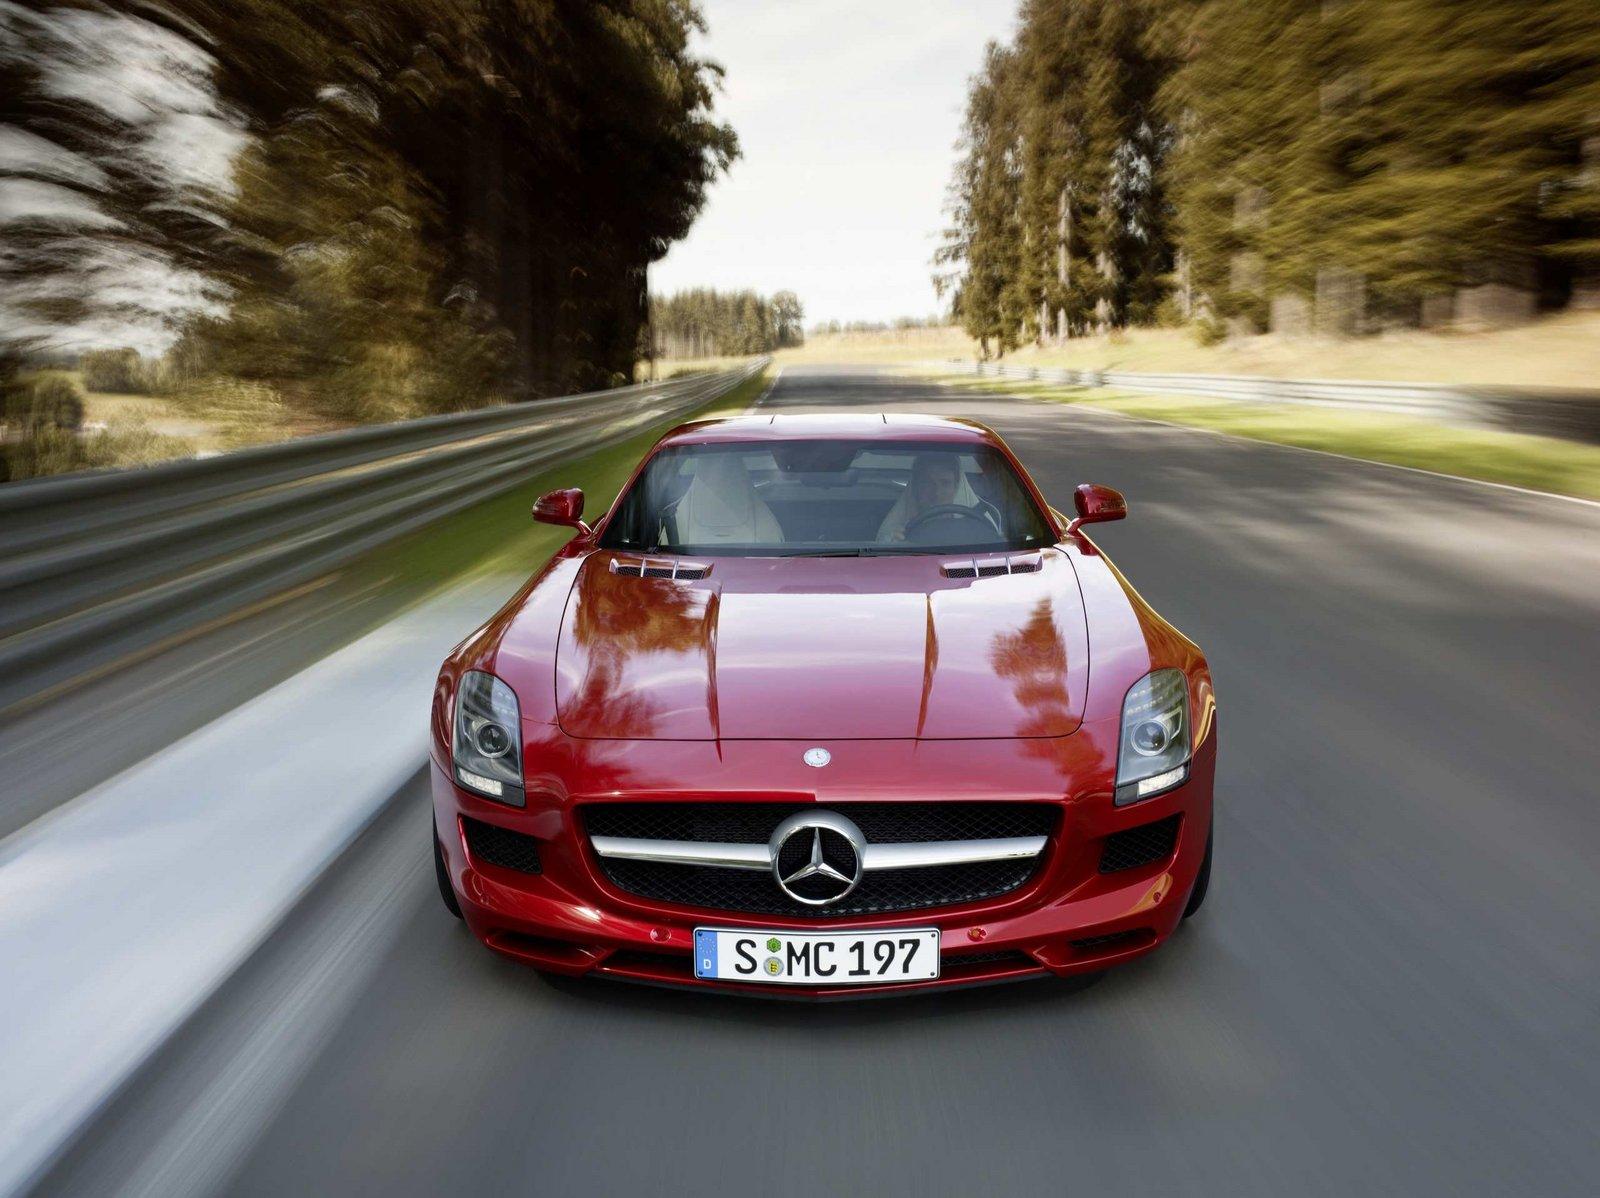 http://2.bp.blogspot.com/-LygSJJSXn5Y/TrEjlI0QofI/AAAAAAAAFho/zwoDxdhxpbI/s1600/Mercedes+SLS+AMG+5.jpg